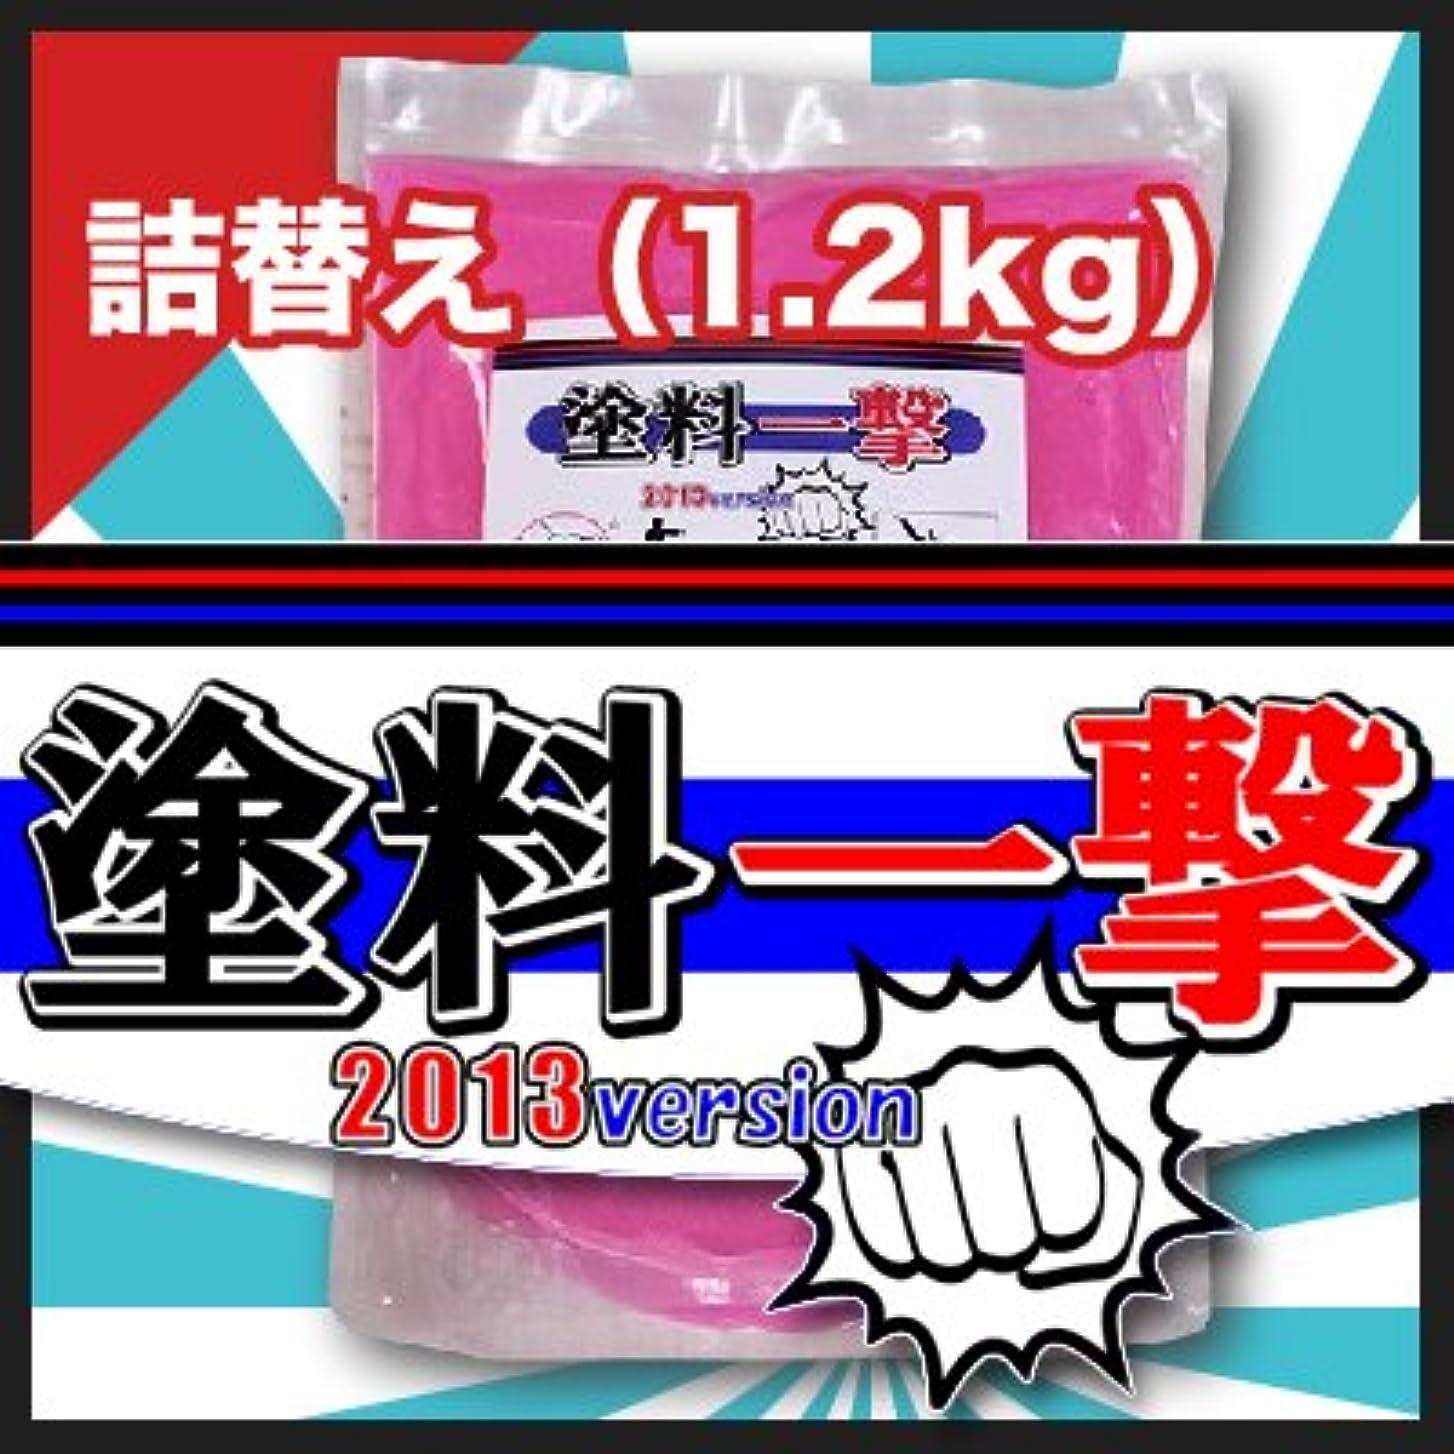 バレエ租界意味するD.Iプランニング 塗料一撃 2013 Version 詰め替え (1.2kg)